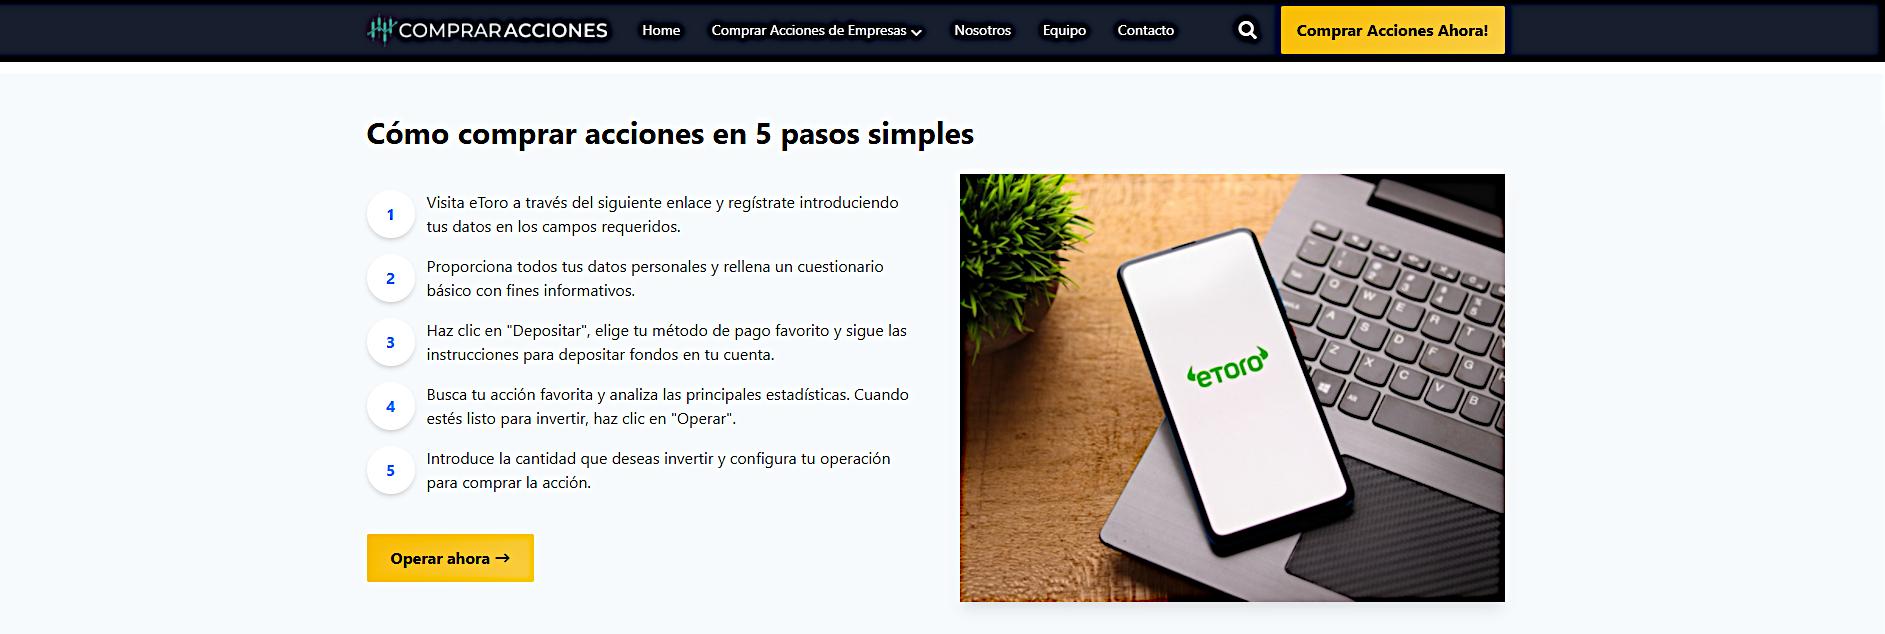 Investoo Group se dirige a los inversores españoles con páginas web educativas sobre trading de acciones